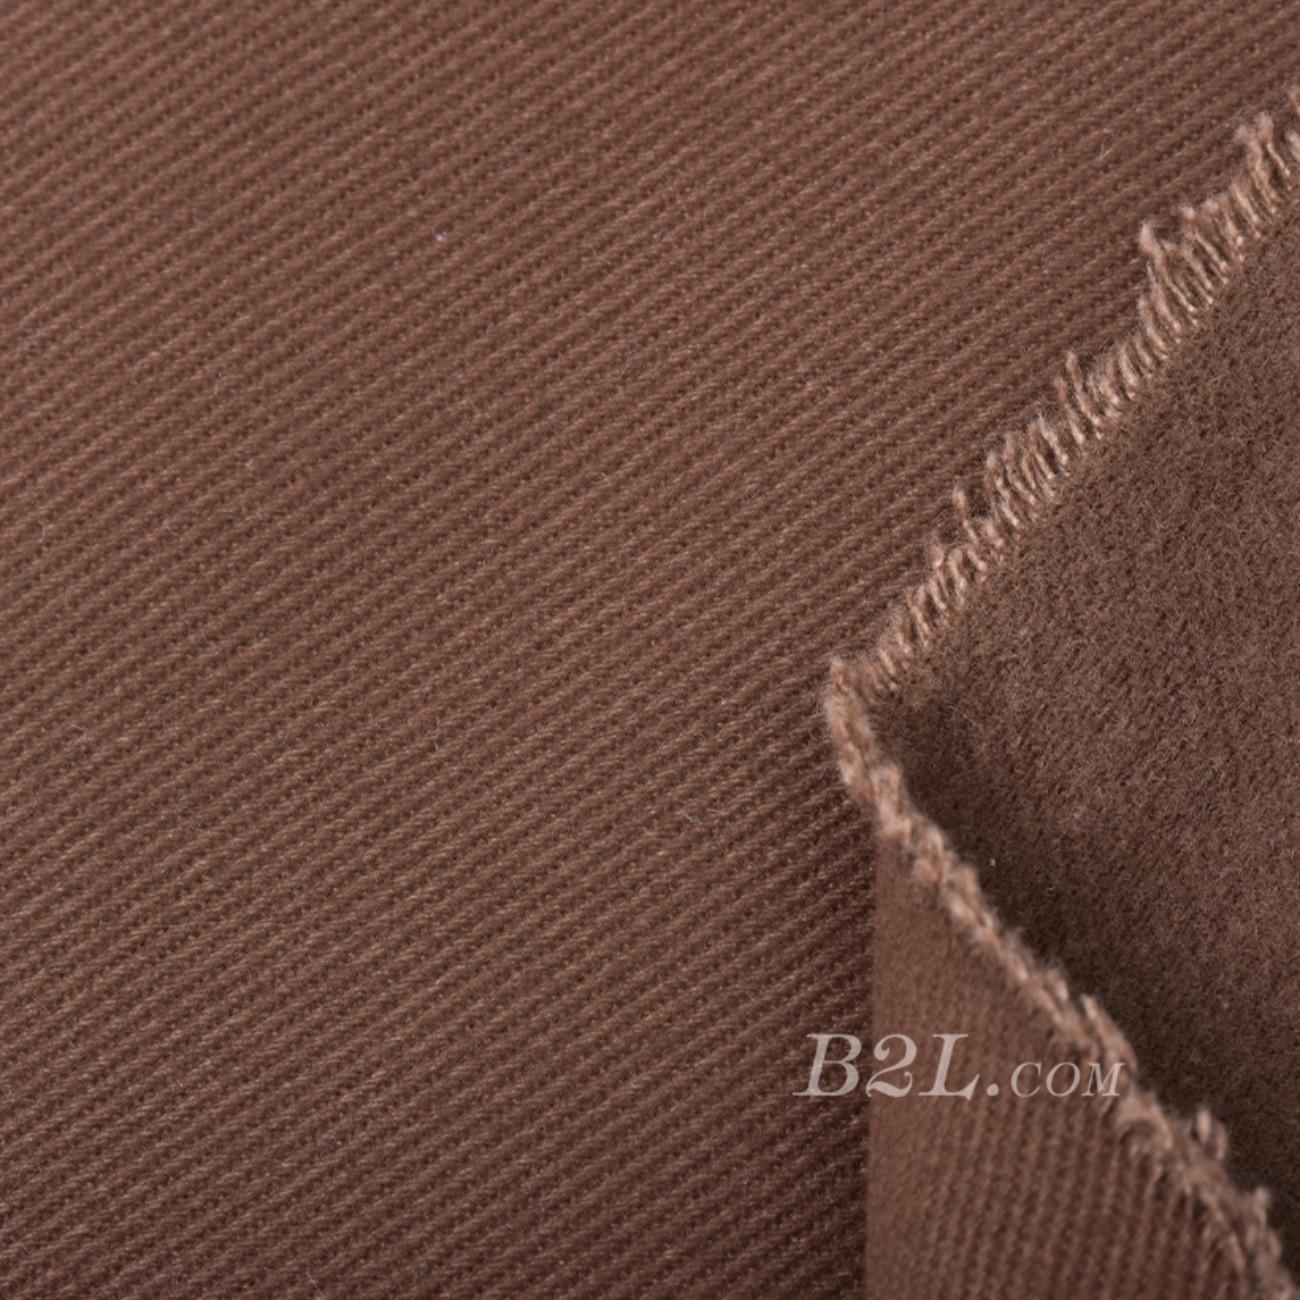 素色 针织 染色 斜纹 抓毛 春秋 外套 裤装 卫衣 女装 91015-19